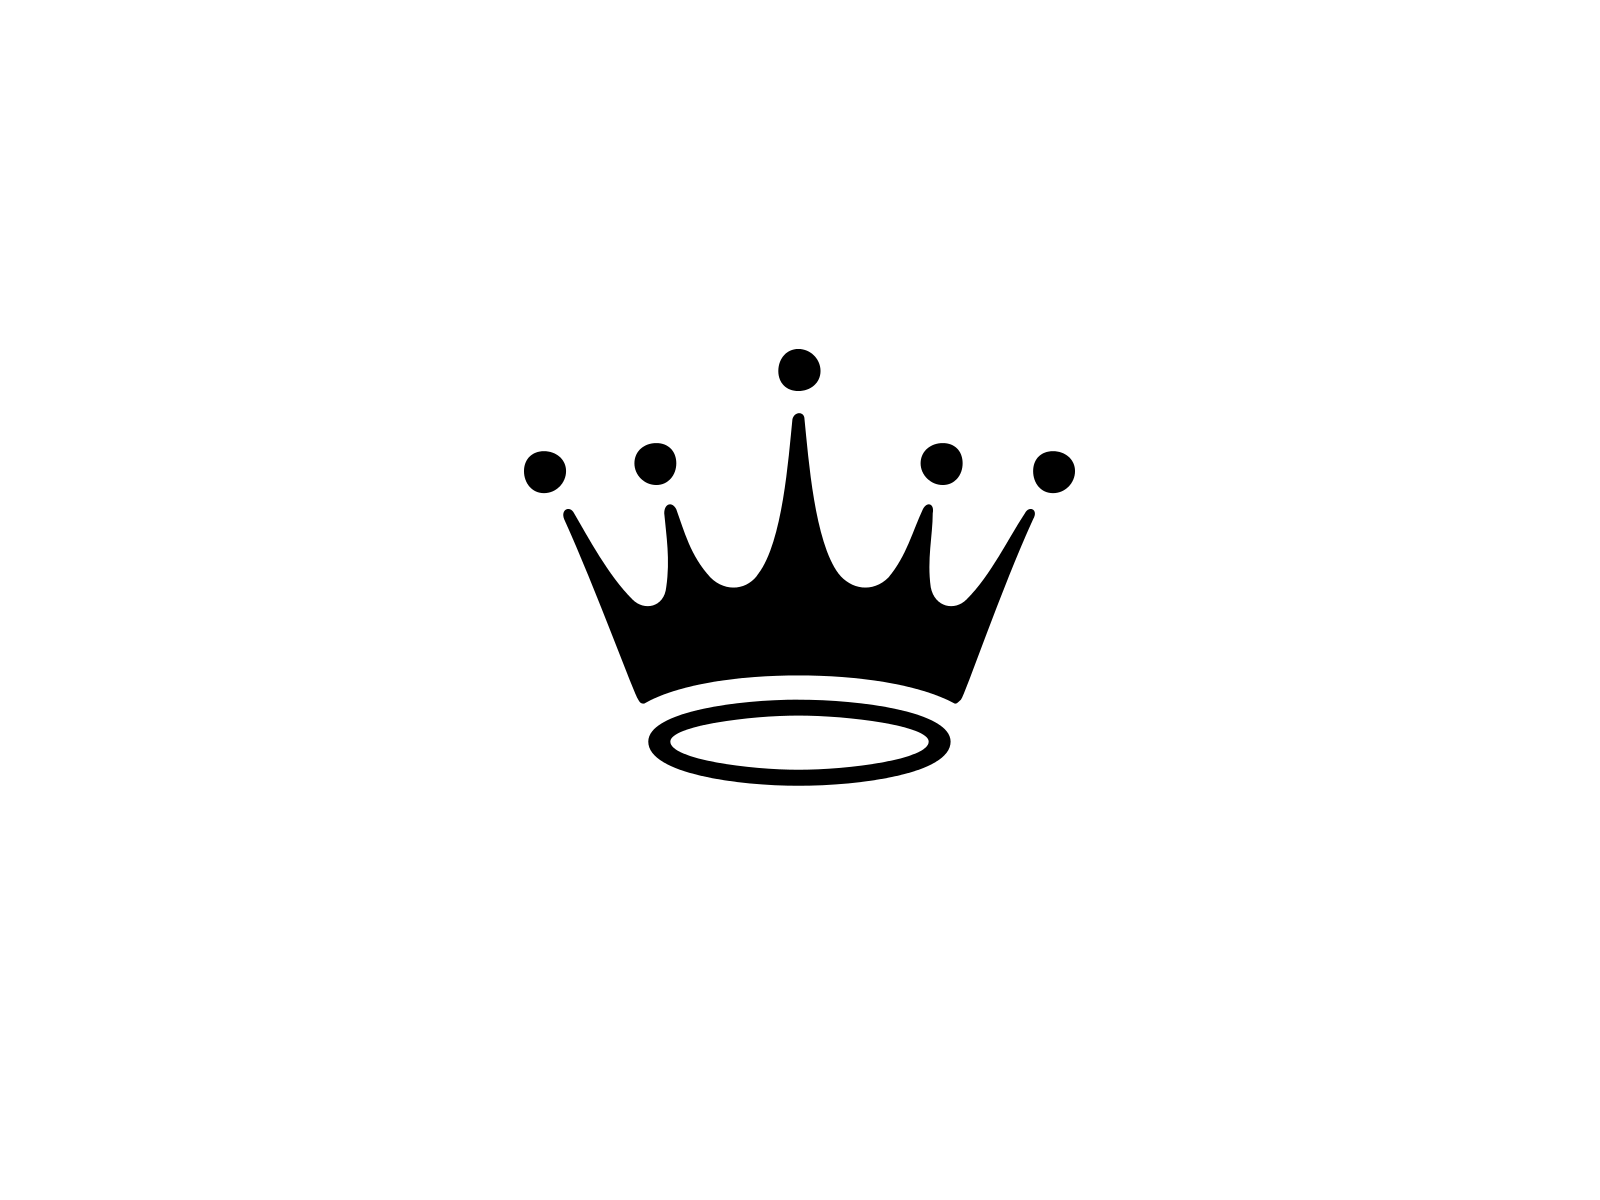 Black And White Crown Logo Logodix